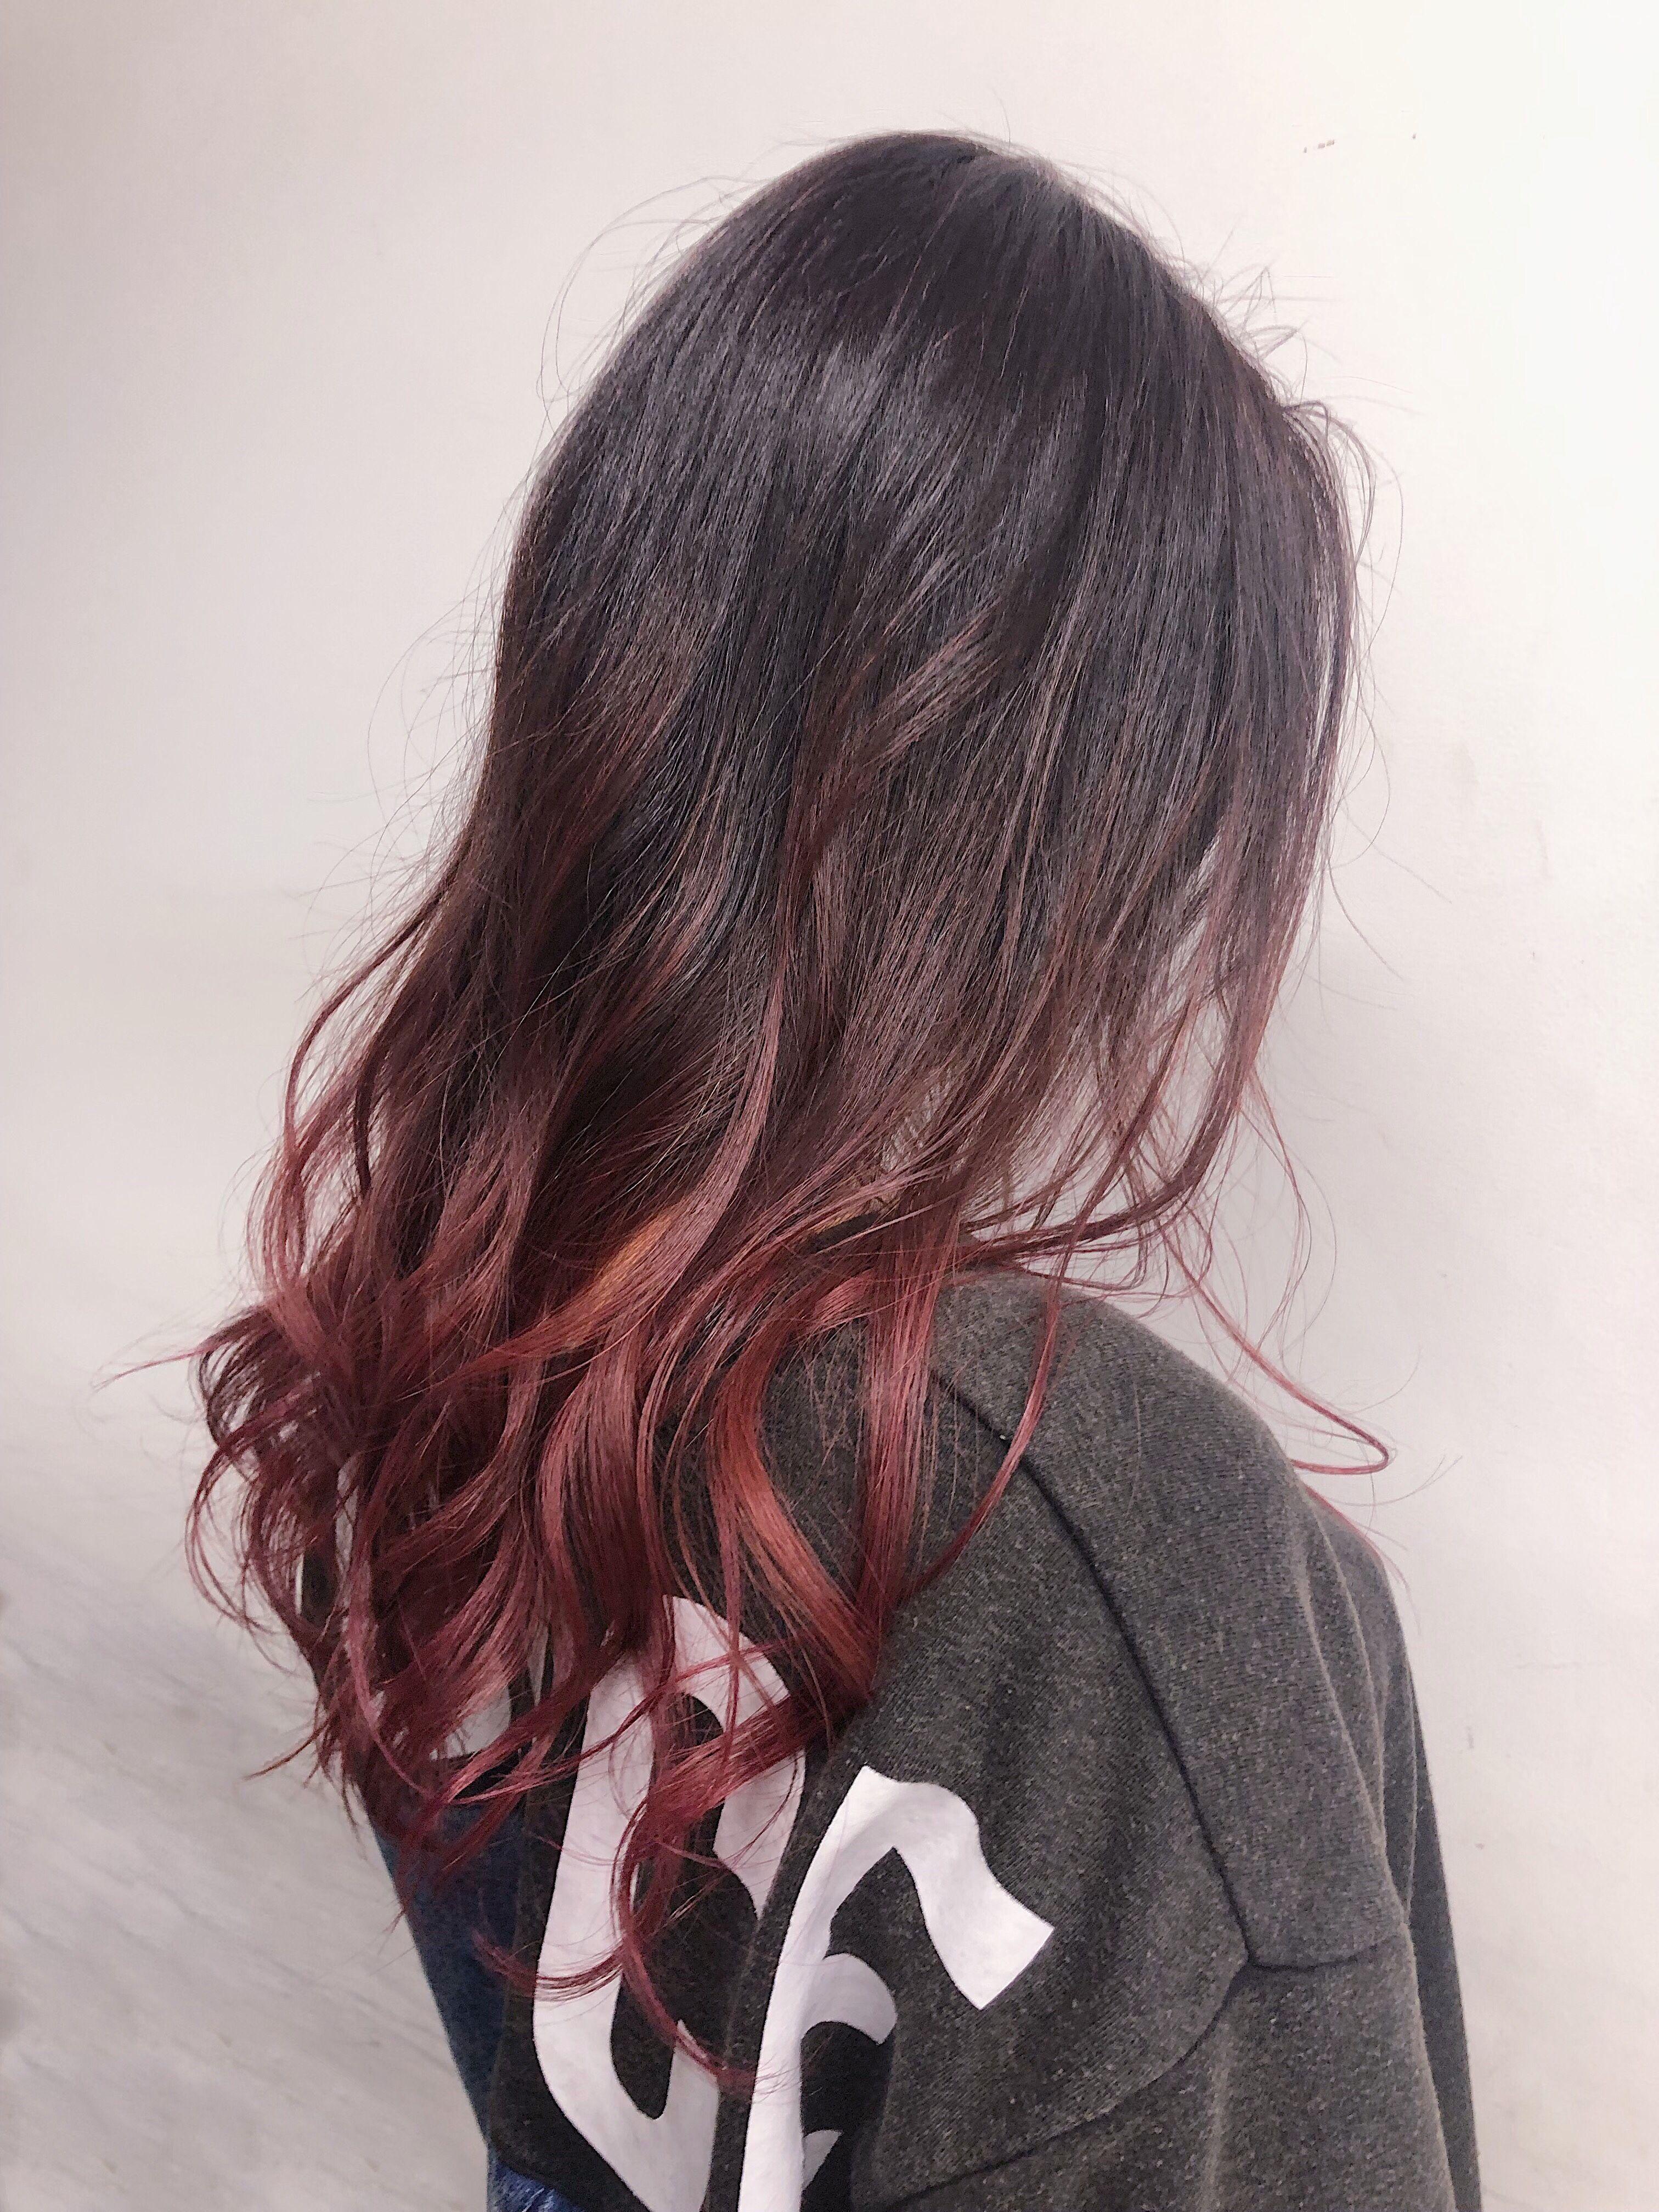 ブリーチ1回で映える暖色系カラー グラデーションヘア 髪 色 ヘアカラー